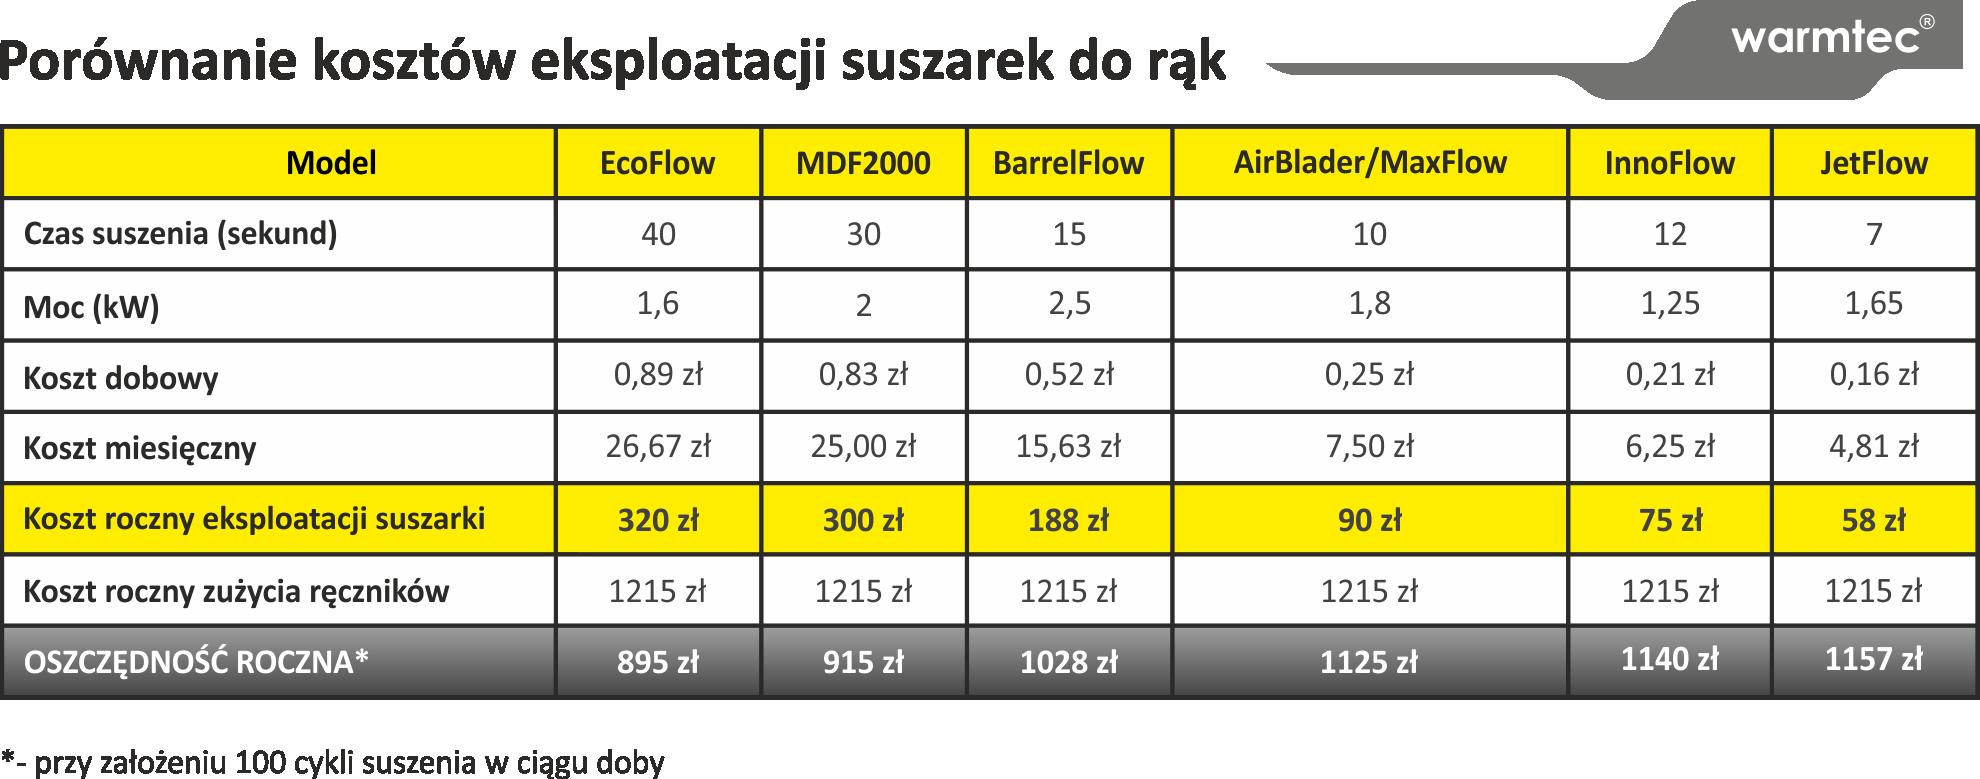 Porównanie kosztów eksploatacji suszarek do rąk